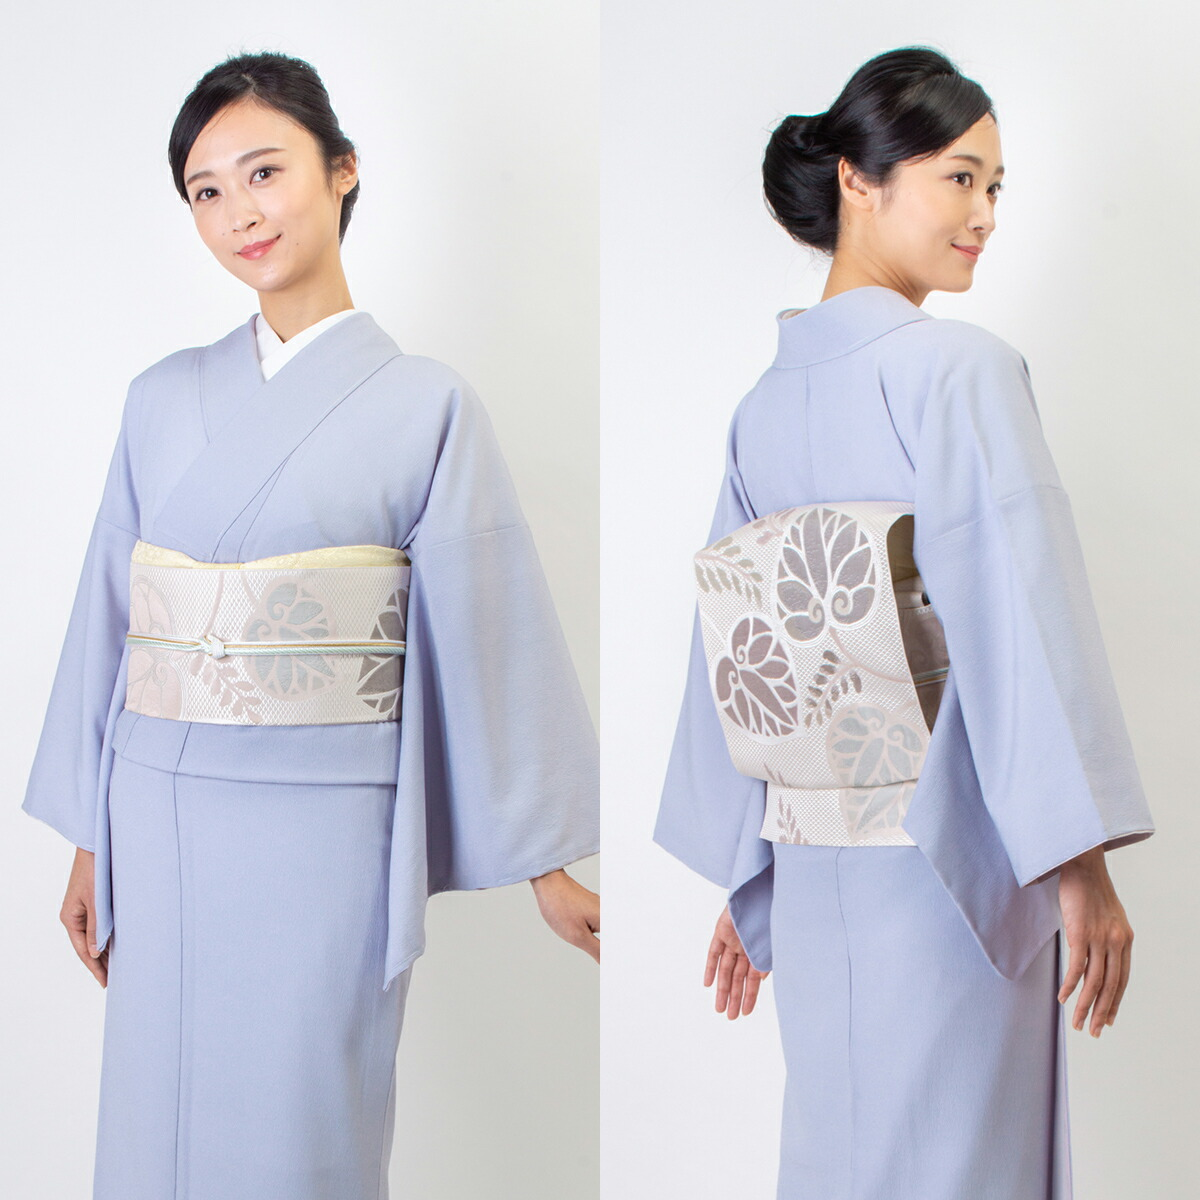 ウォッシャブル江戸小紋【鮫】藤色 モデル着用イメージ